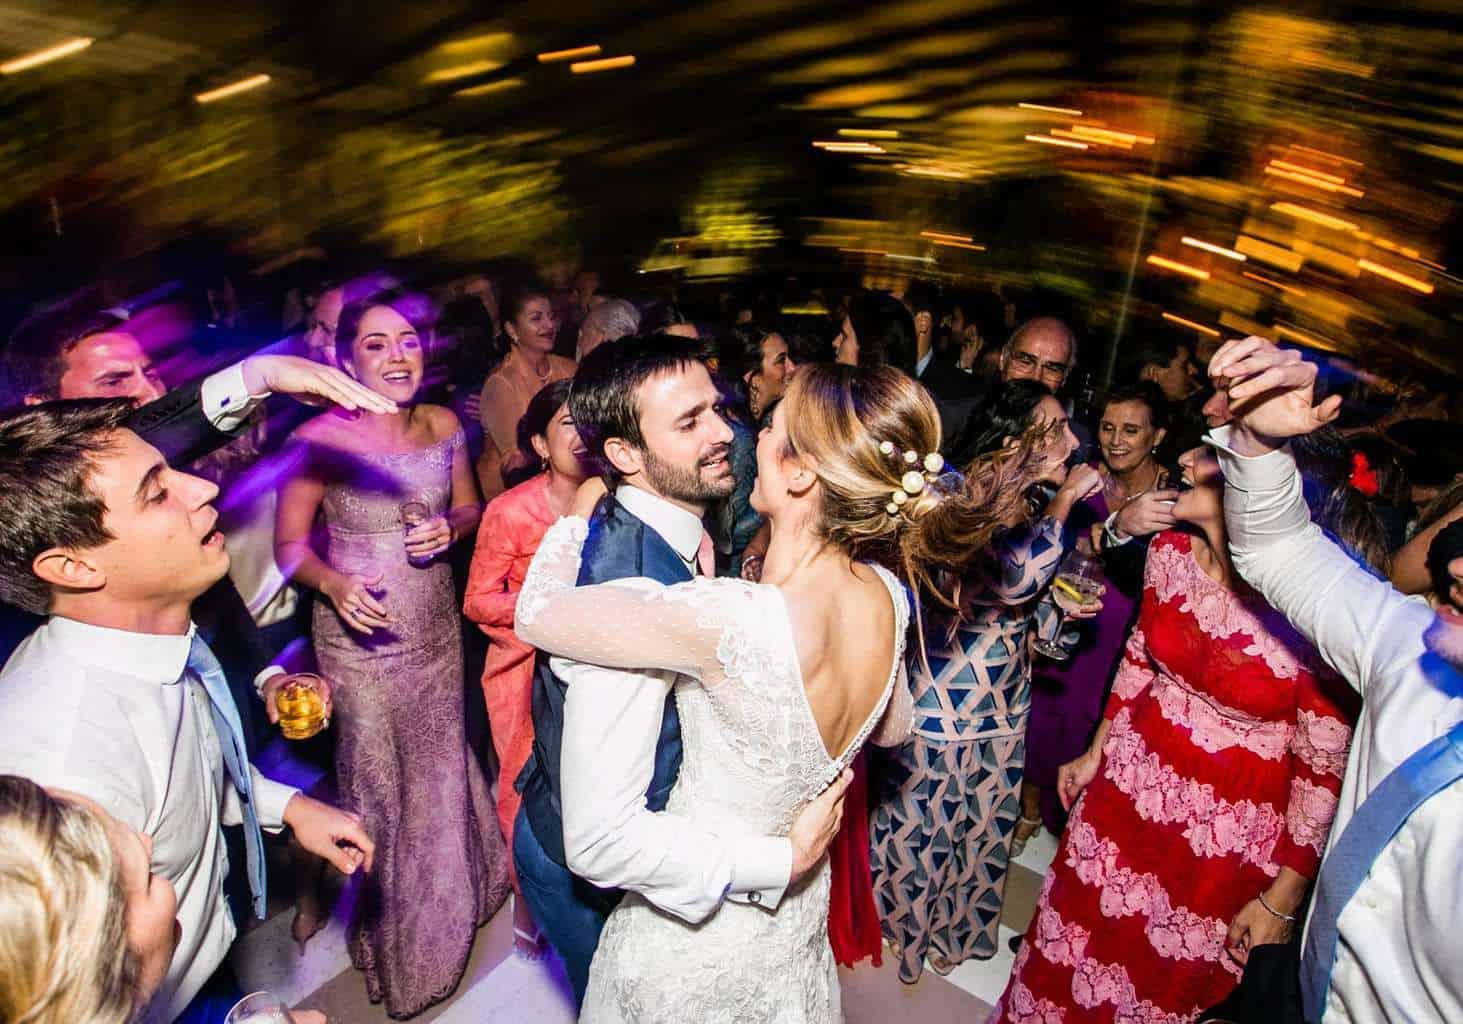 casamento-Camila-e-Diogo-casamento-na-fazenda-casamento-na-serra-casamento-romântico-destination-wedding-Fazenda-Santo-Antonio-festa-Fotografia-Rodrigo-Sack-87